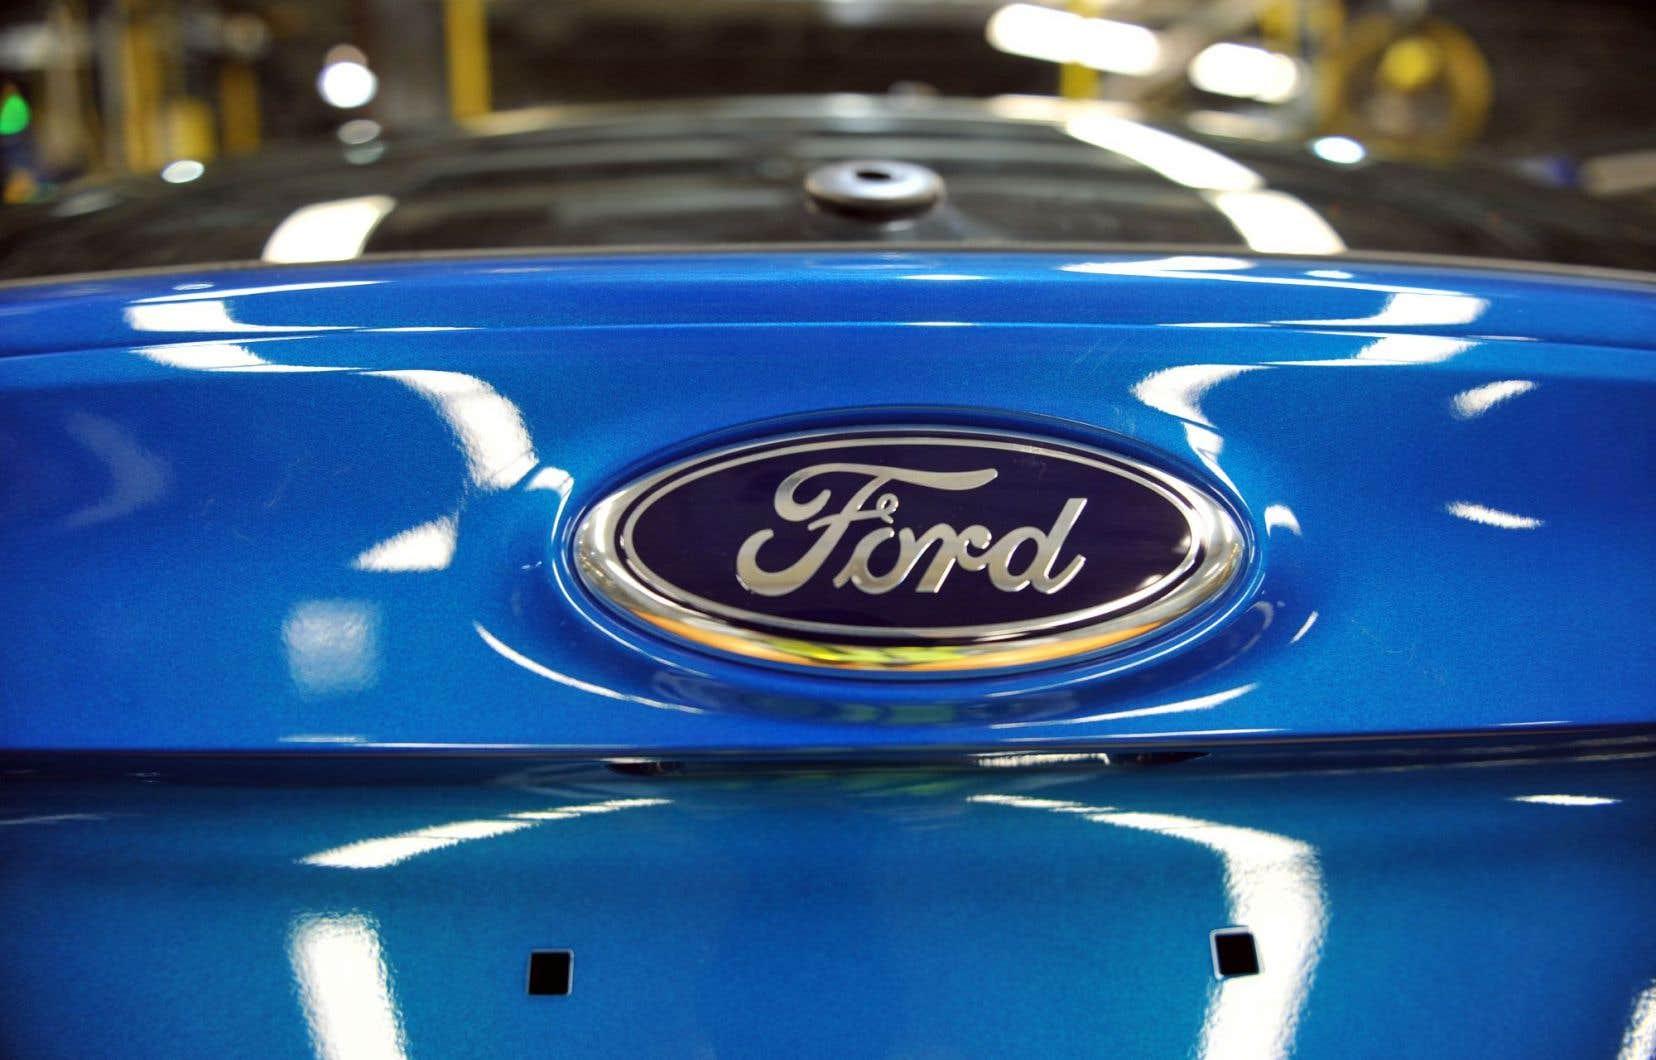 Ford a confirmé mardi l'annulation de la construction d'une usine géante d'assemblage de voitures au Mexique.